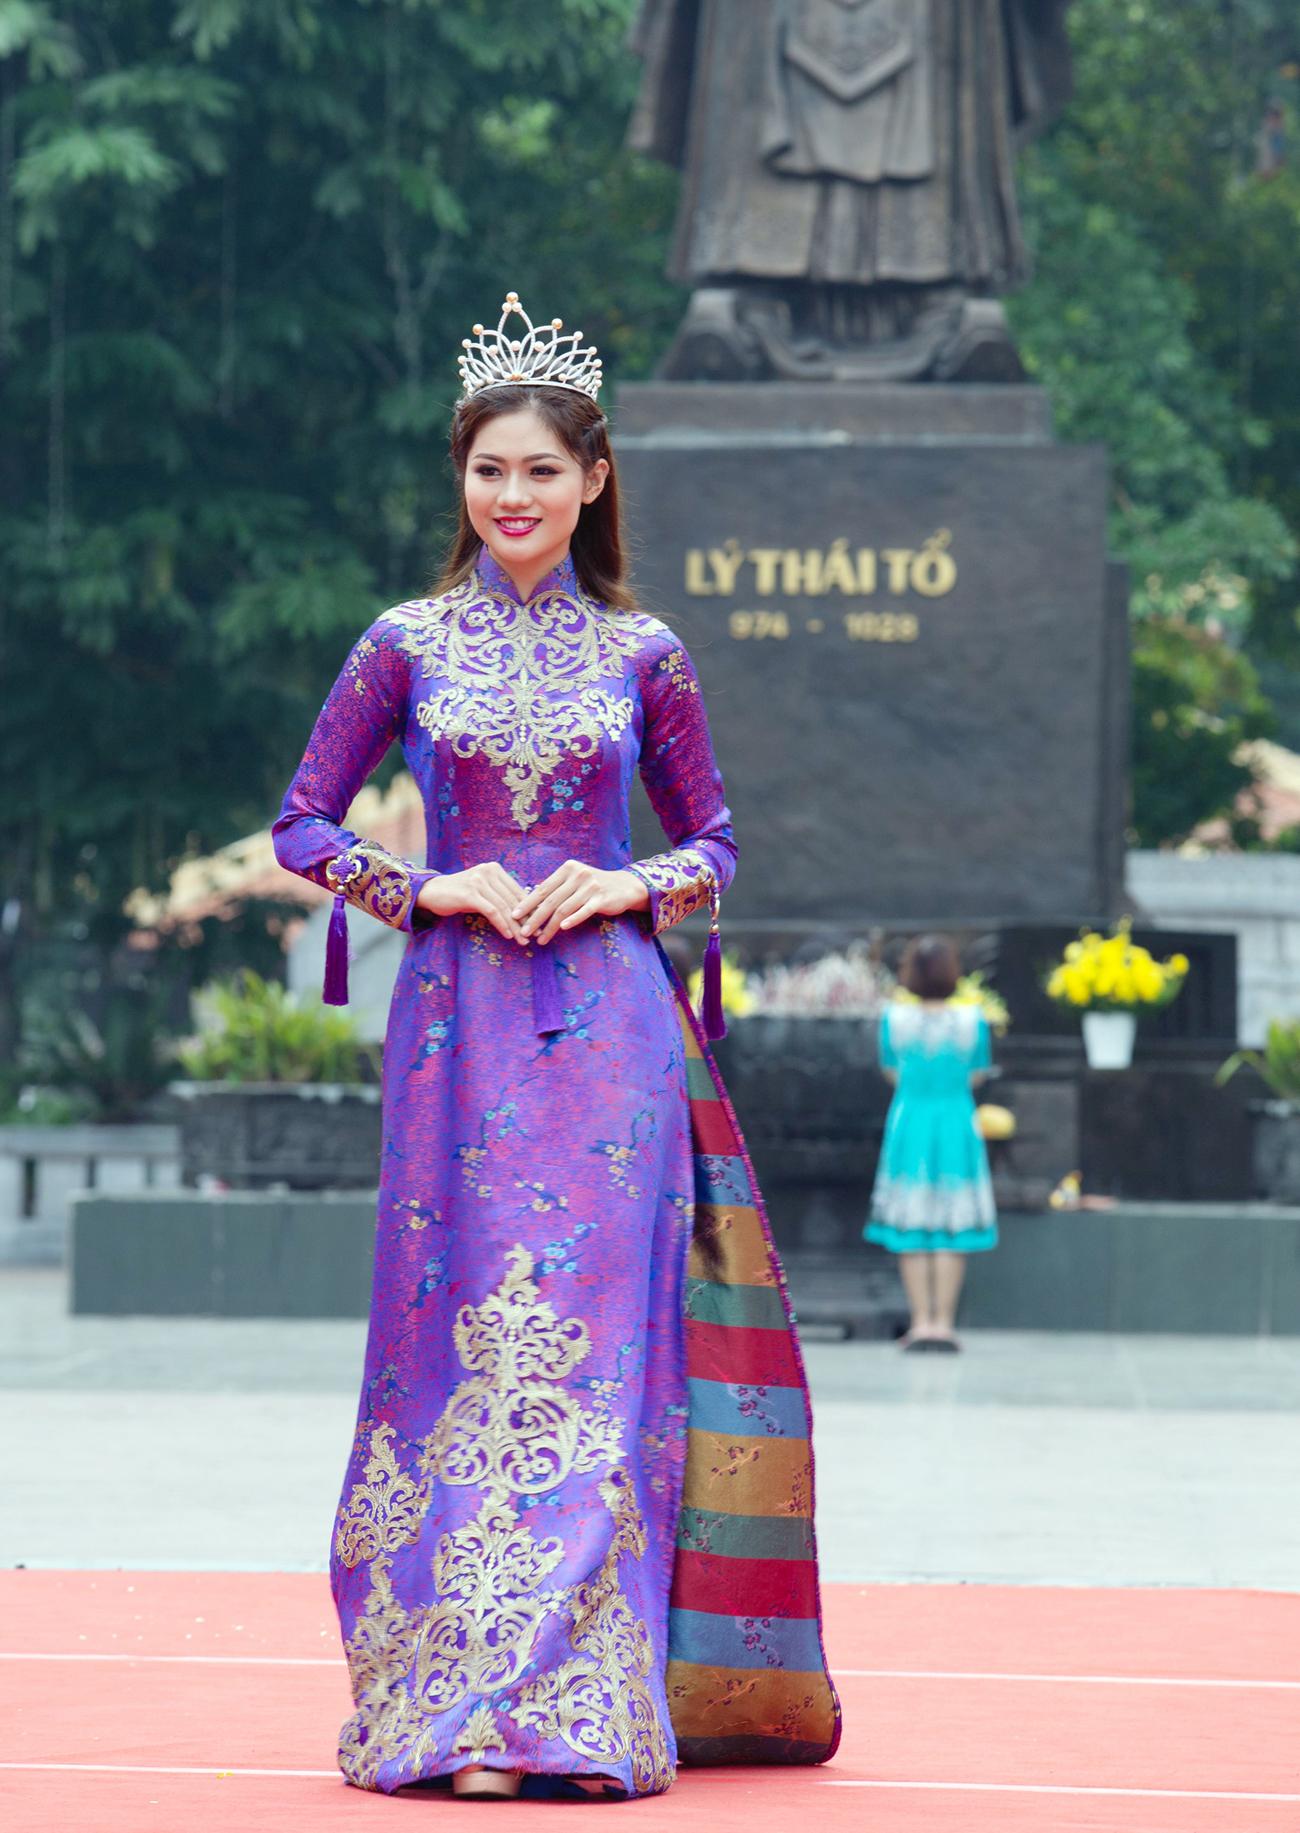 Trong vai trò Đại sứ Chương trình Mottainai 2018, Hoa khôi Vũ Hương Giang không chỉ tham gia cuộc thi chạy Mottainai Run mà còn trình diễn áo dài trong màn thời trang Giao lưu văn hóa Việt - Nhật.